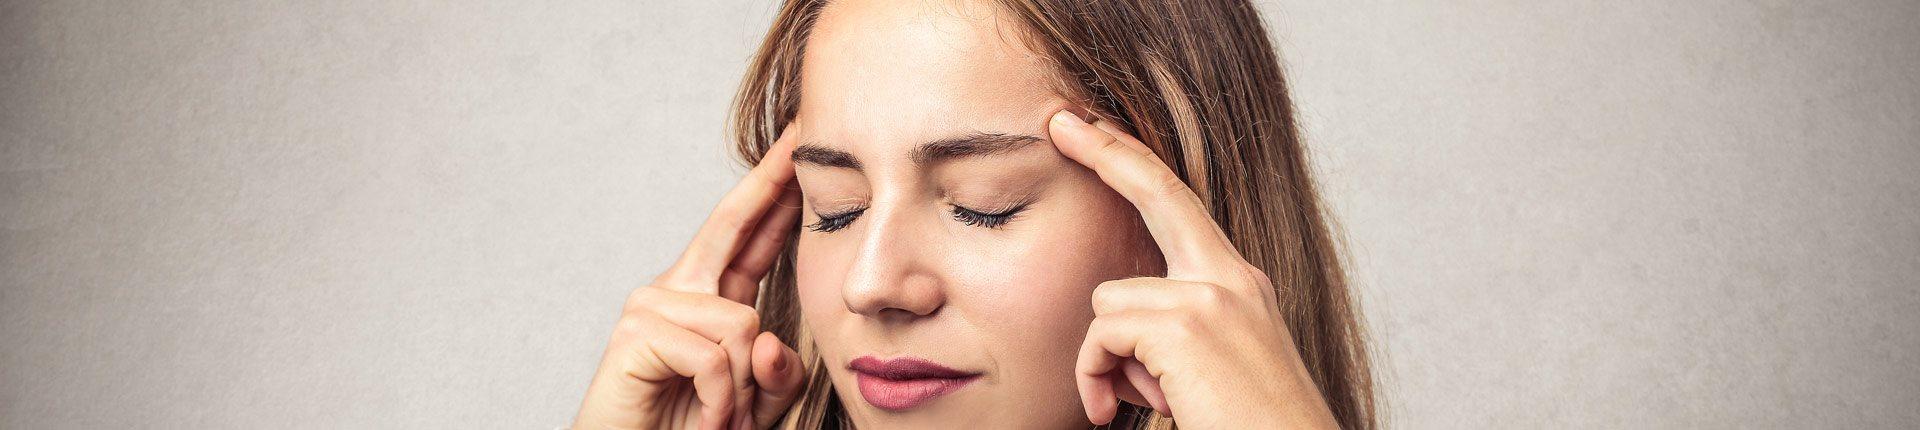 Ashwagandha poprawia funkcje poznawcze. Koncentracja i czas reakcji